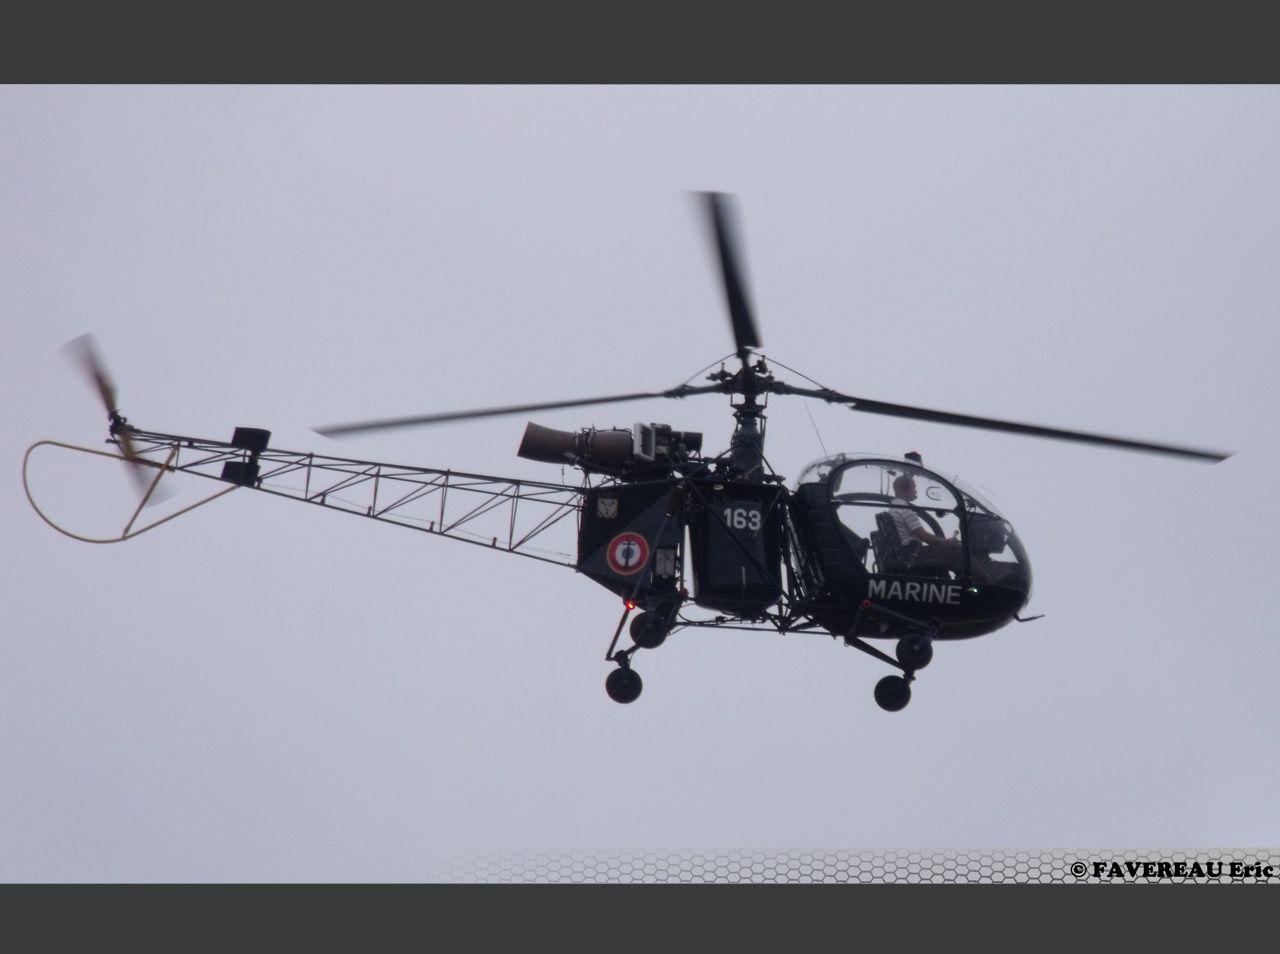 L'Aérospatiale SE-3130 Alouette II en version Marine F-AZYB, ici à Coulommiers (Eric Favereau)